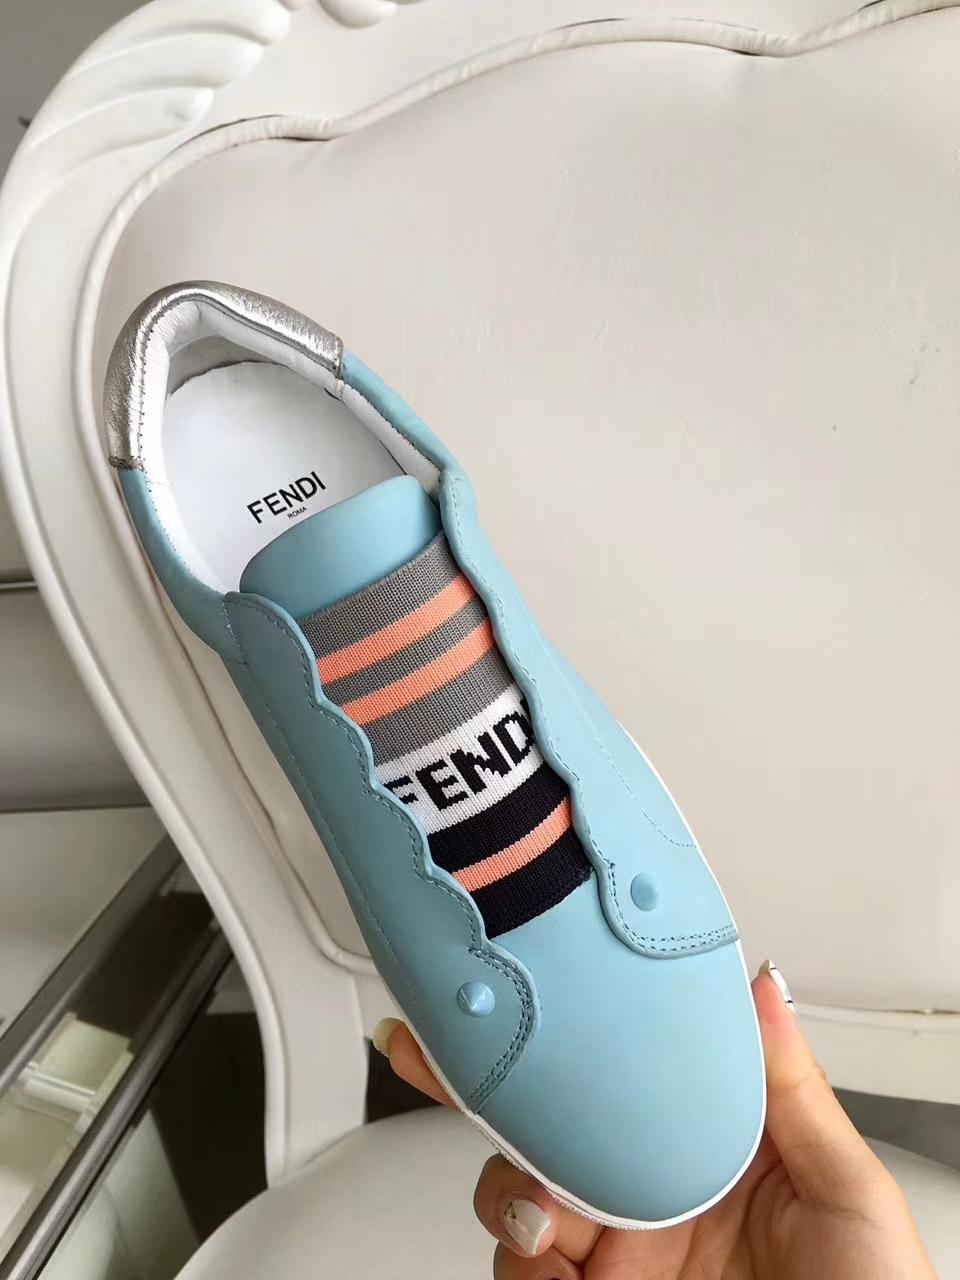 FENDI芬迪2018款时尚板鞋平底小白鞋